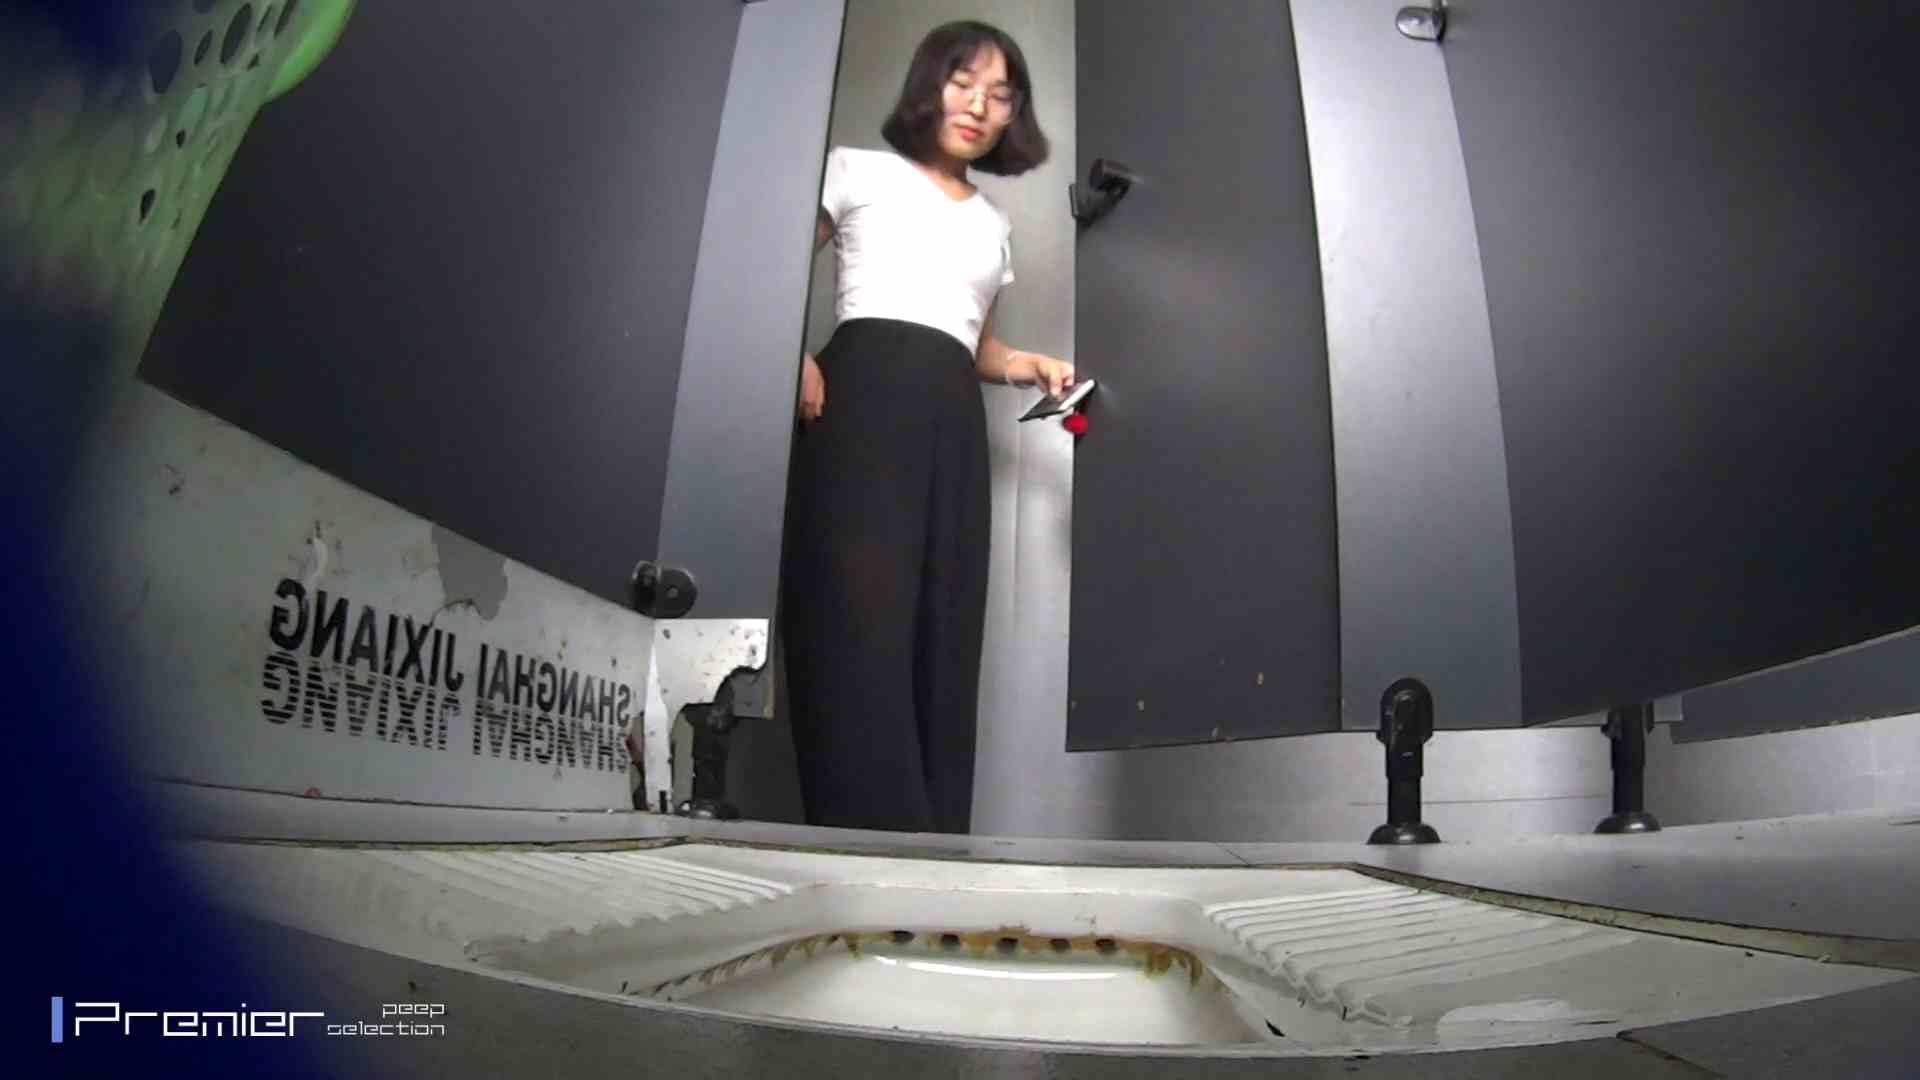 夏全開!ハーフパンツのギャル達 大学休憩時間の洗面所事情44 盗撮  70PIX 42